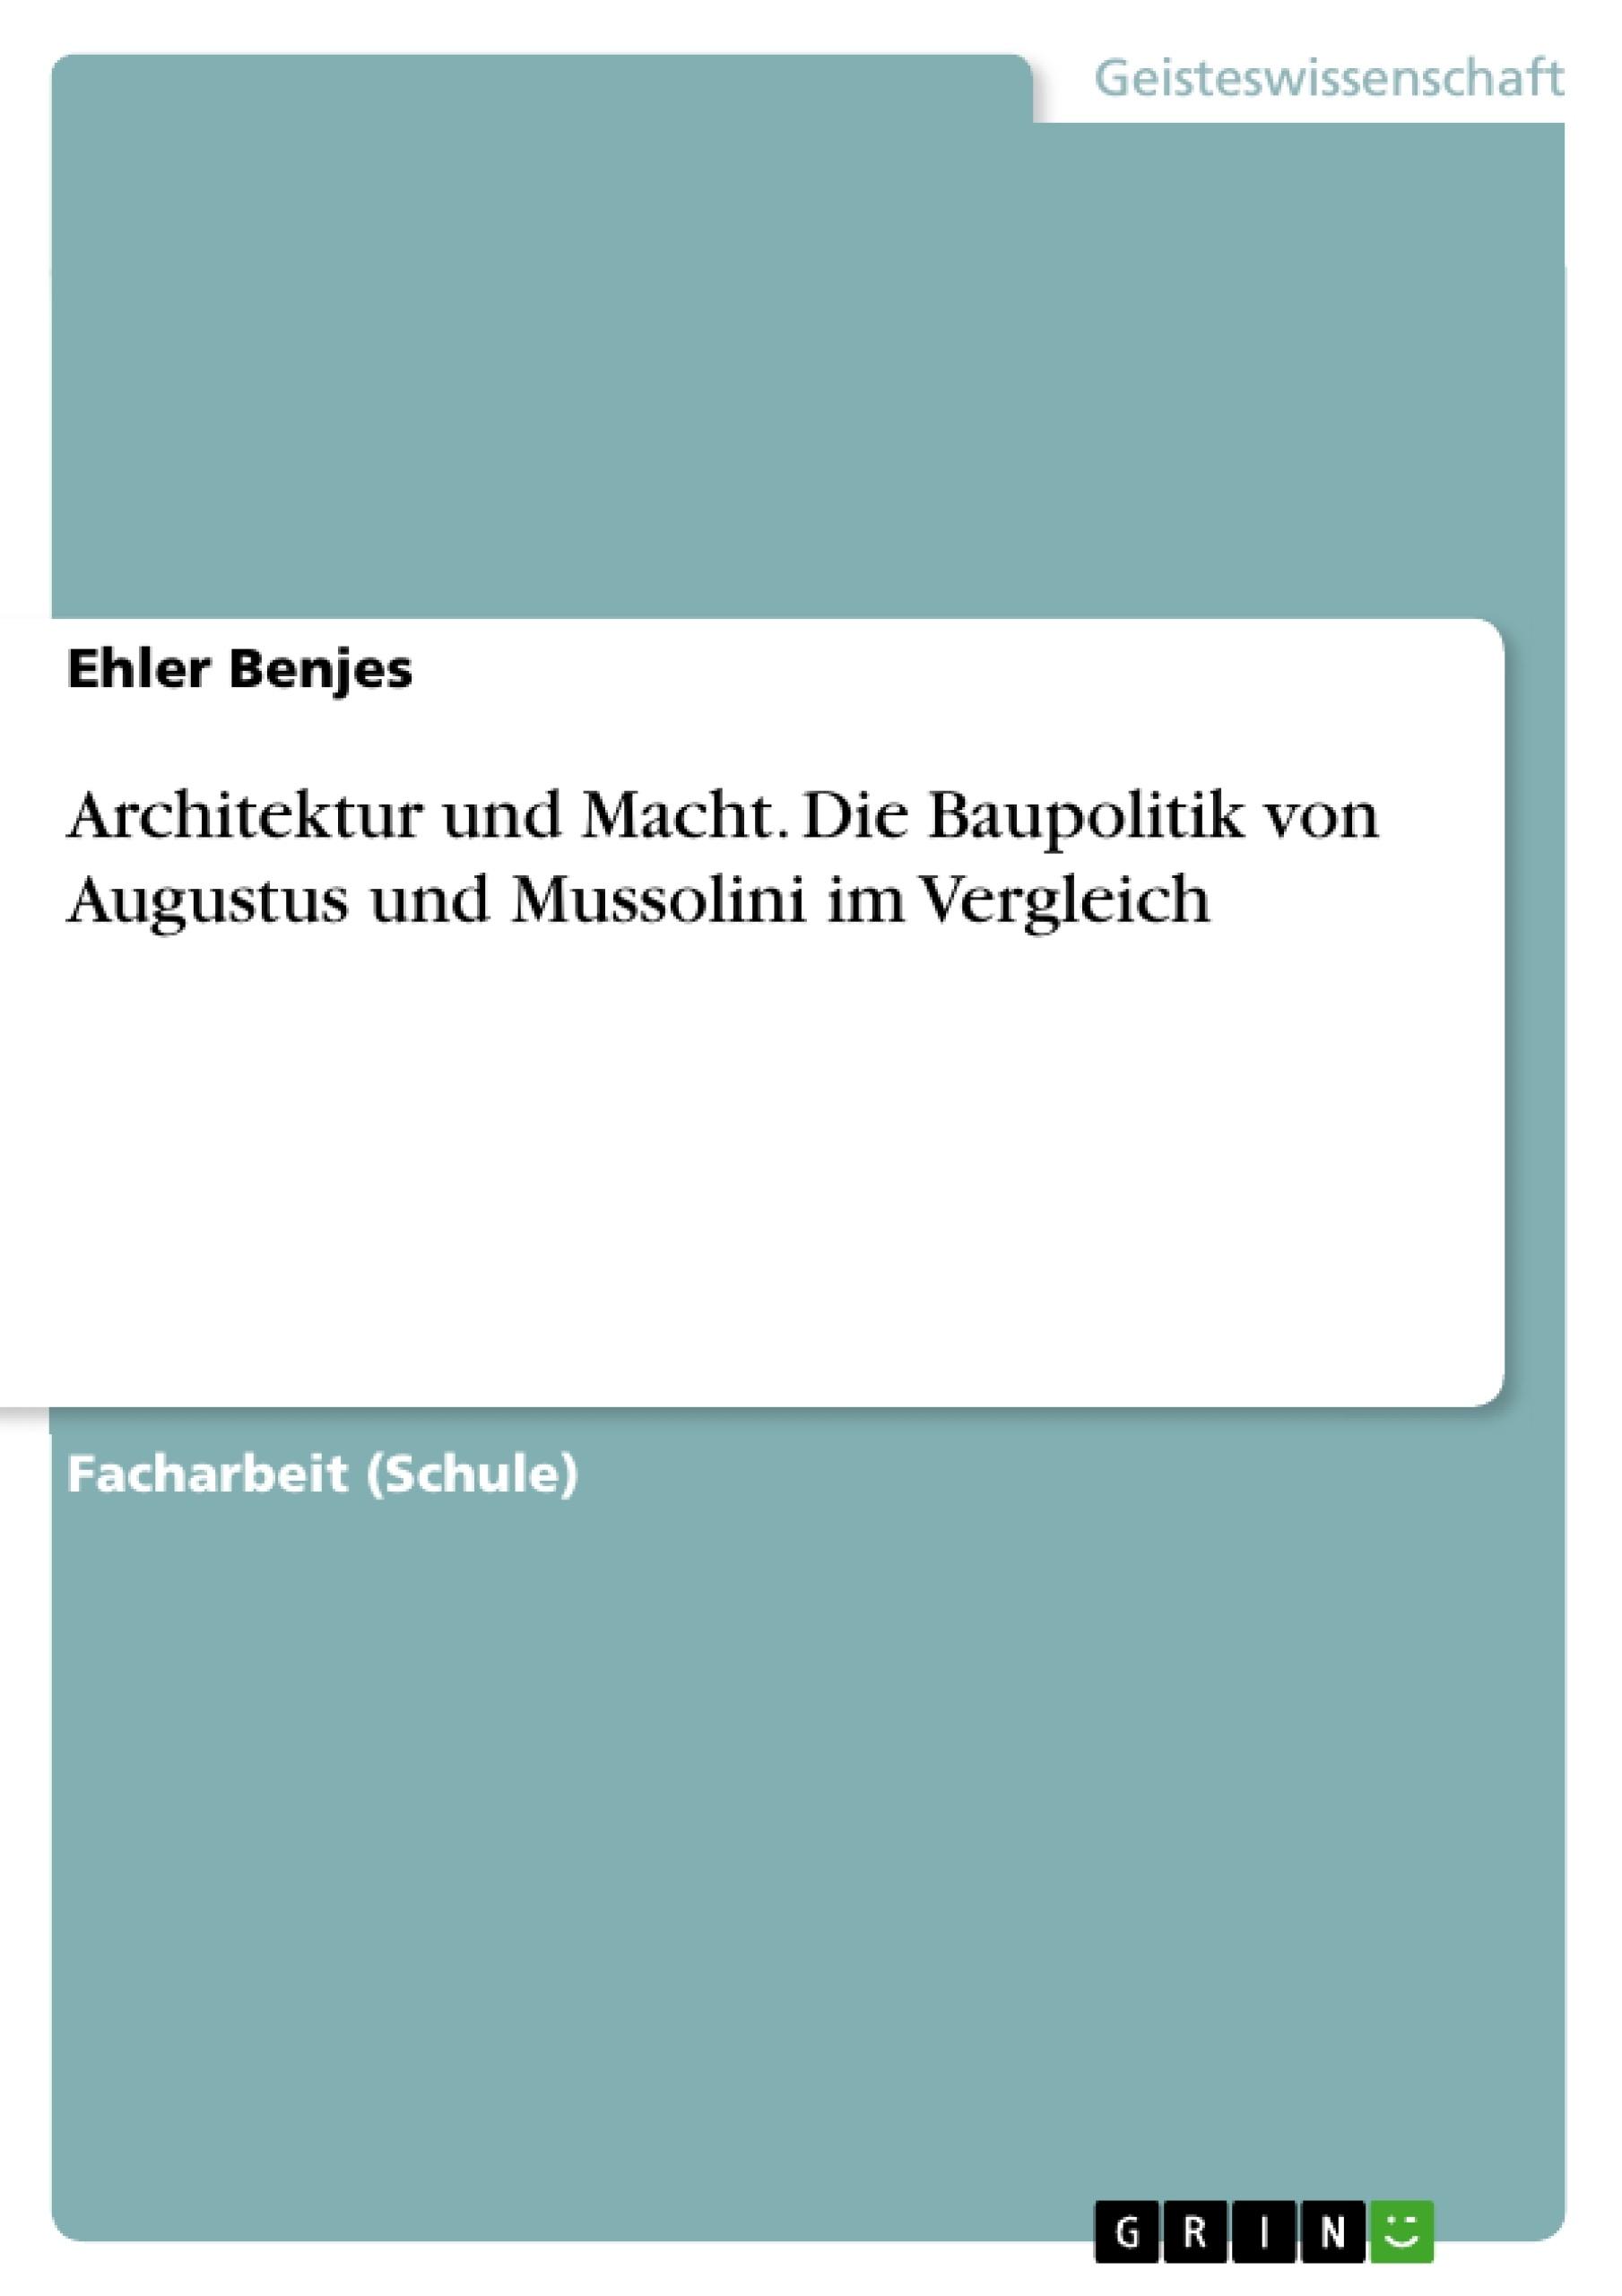 Titel: Architektur und Macht. Die Baupolitik von Augustus und Mussolini im Vergleich